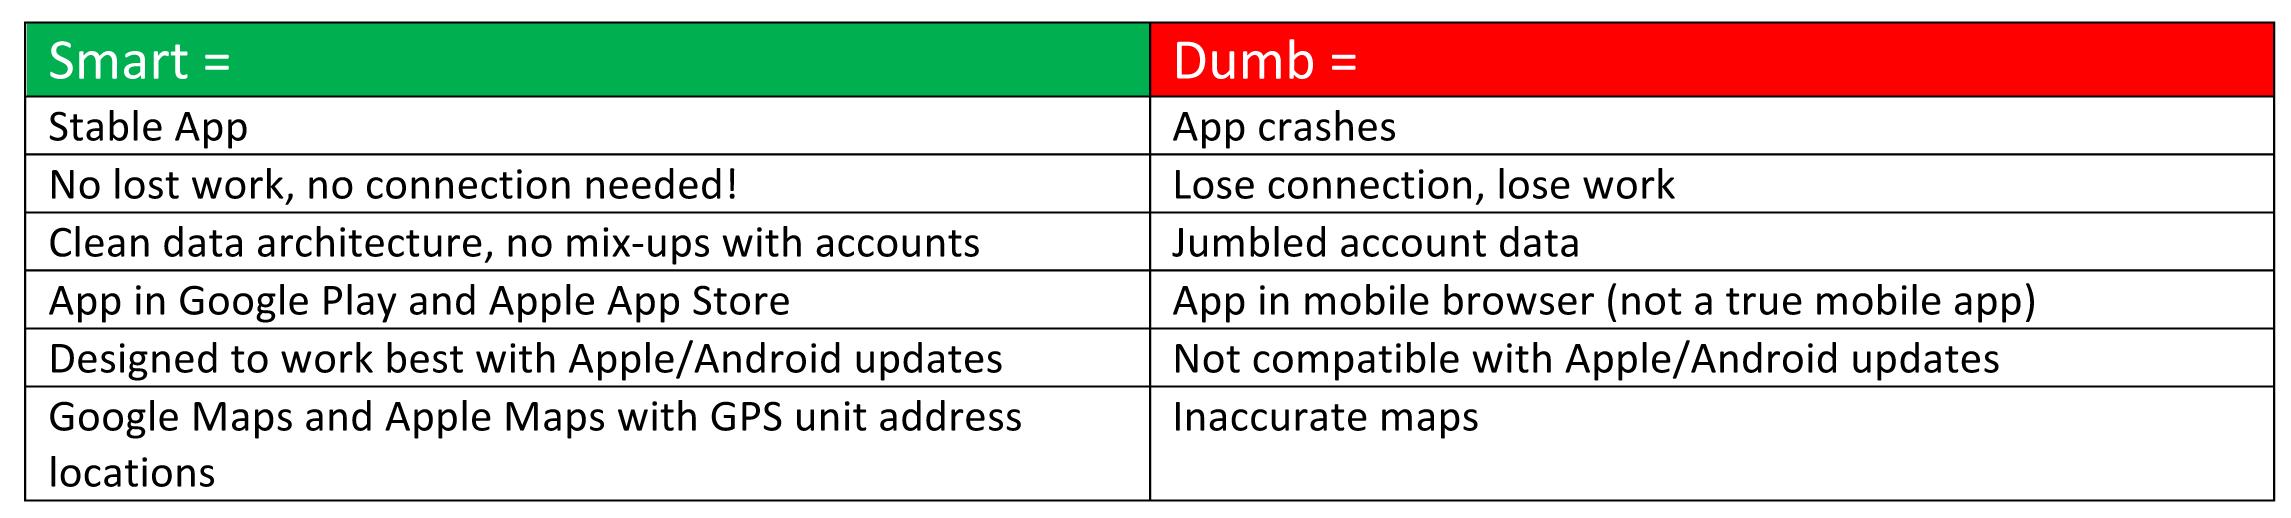 smart vs dumb.png